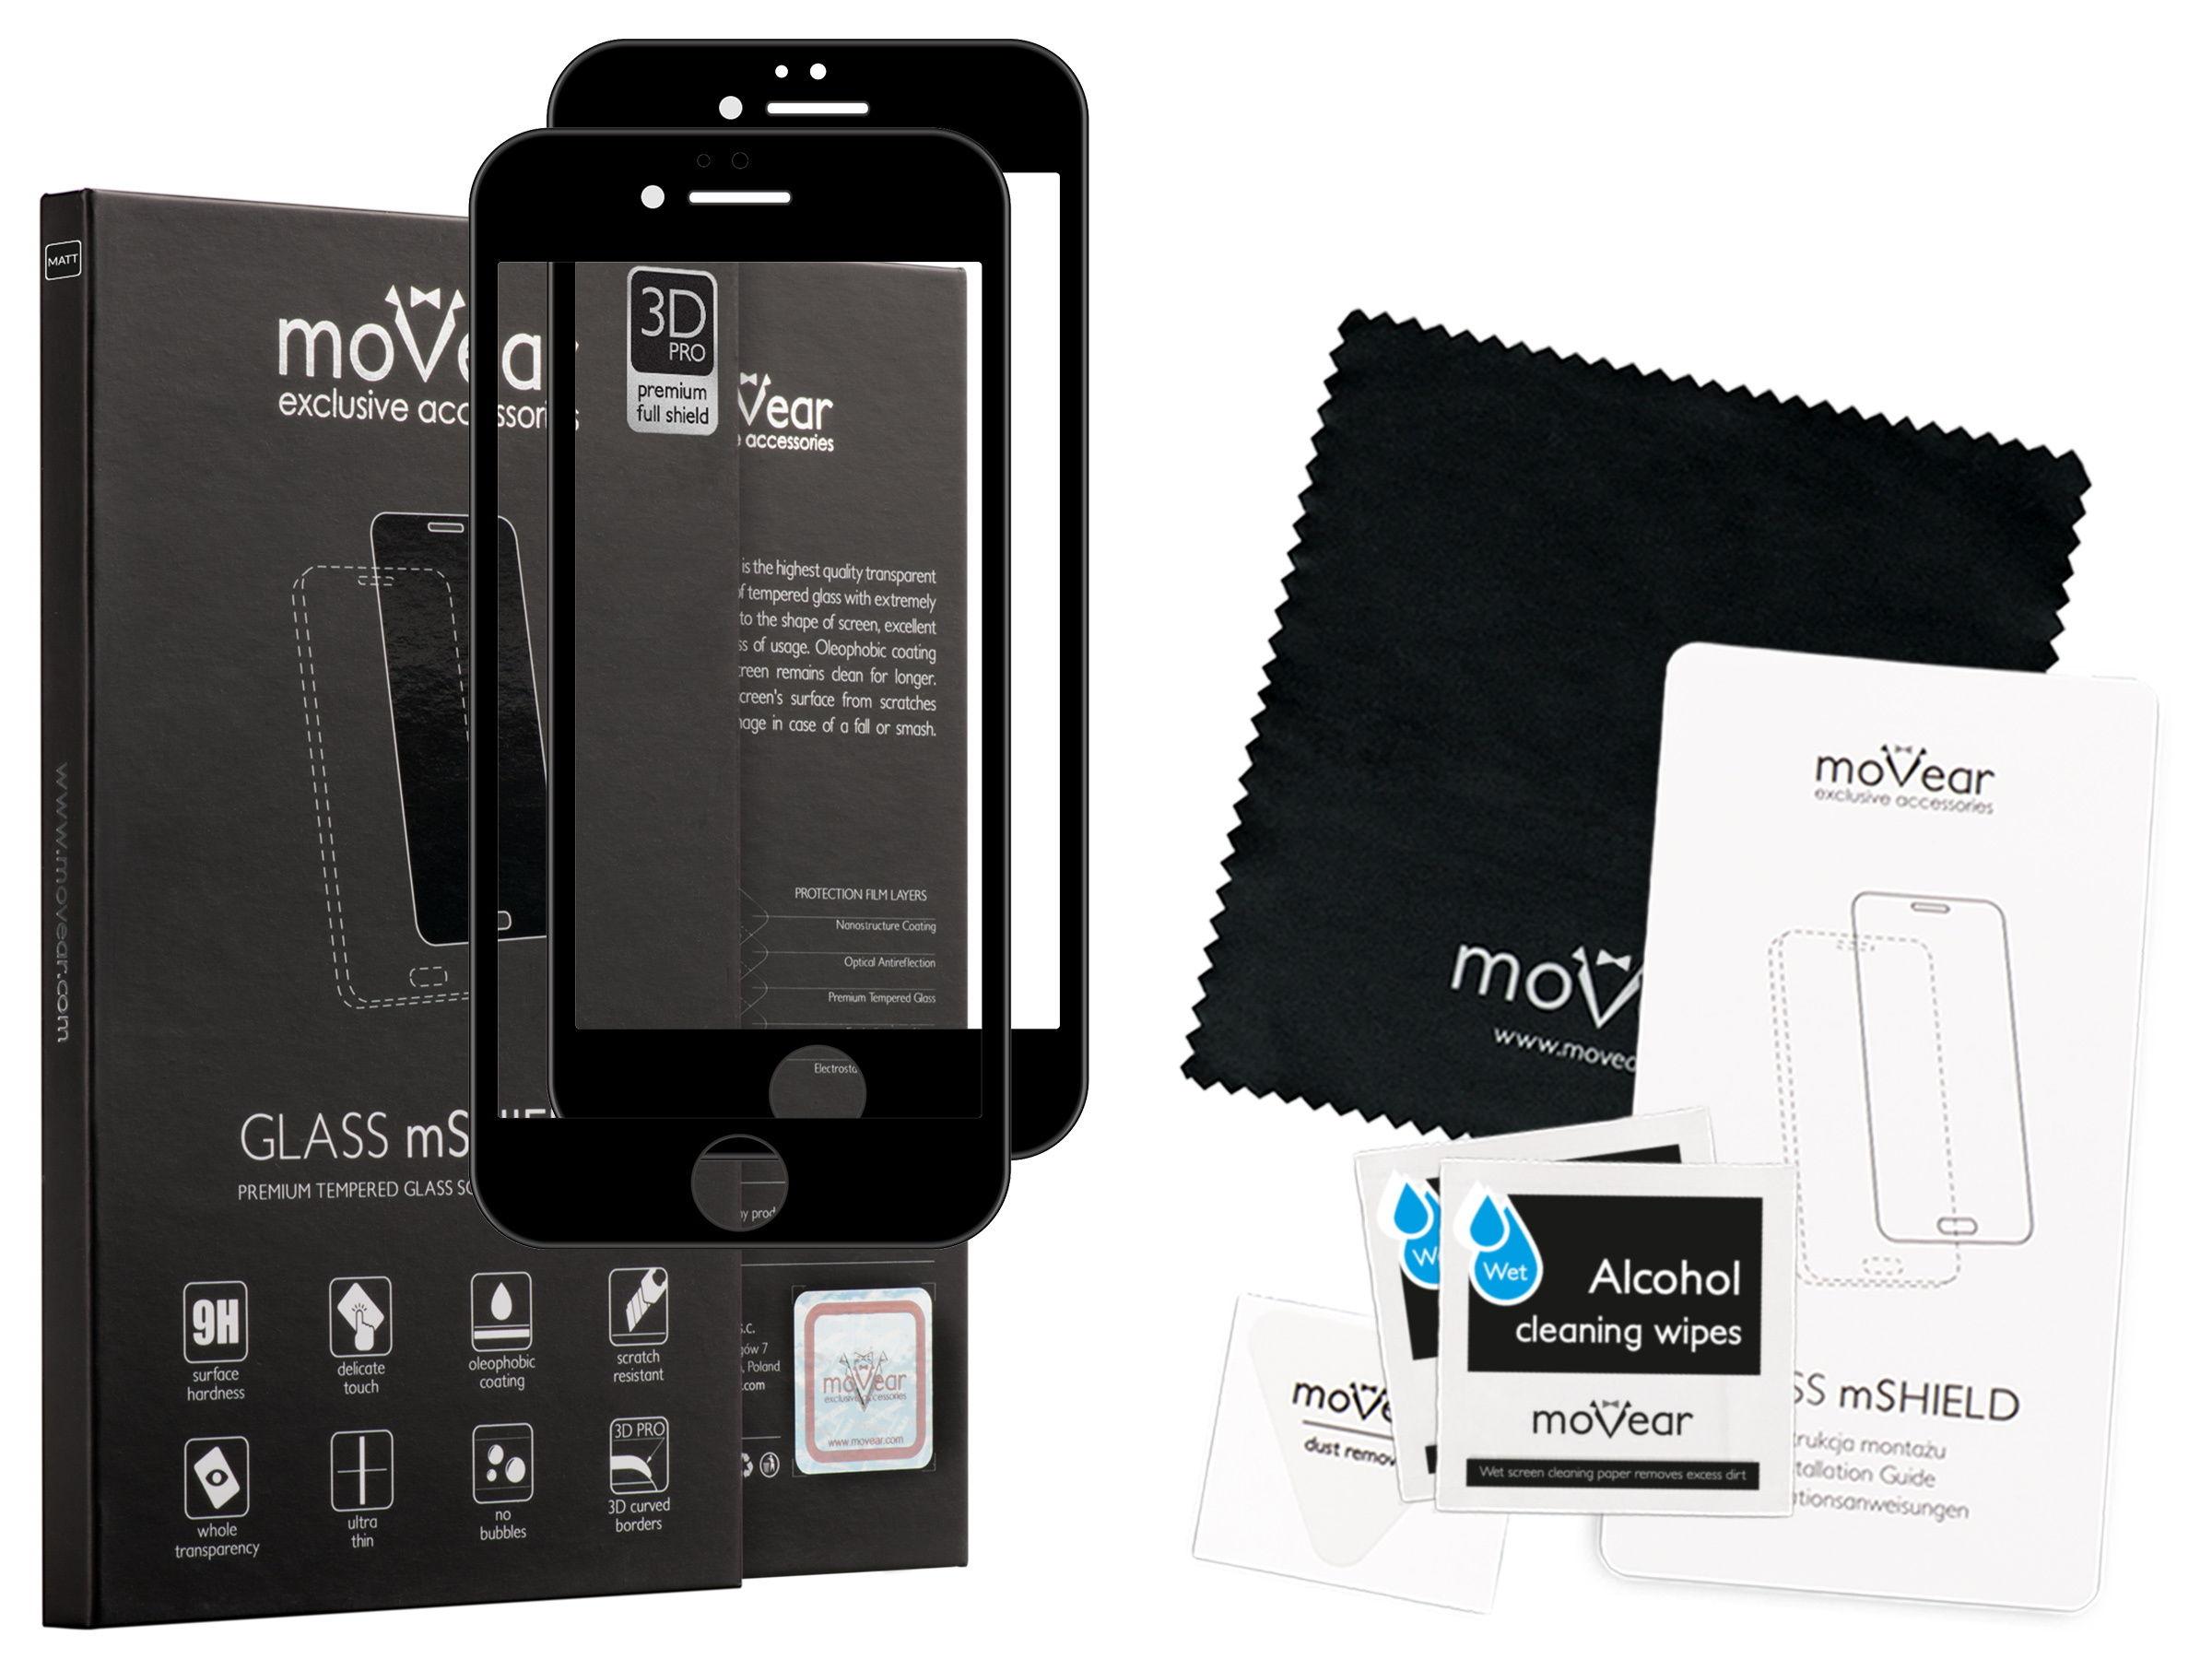 2 szt. | moVear Matowe Szkło Hartowane 3D PRO MATT na Apple iPhone 6 Plus / 6s Plus | na Cały Ekran, Antyrefleksyjne, 9H | GLASS mSHIELD Czarny